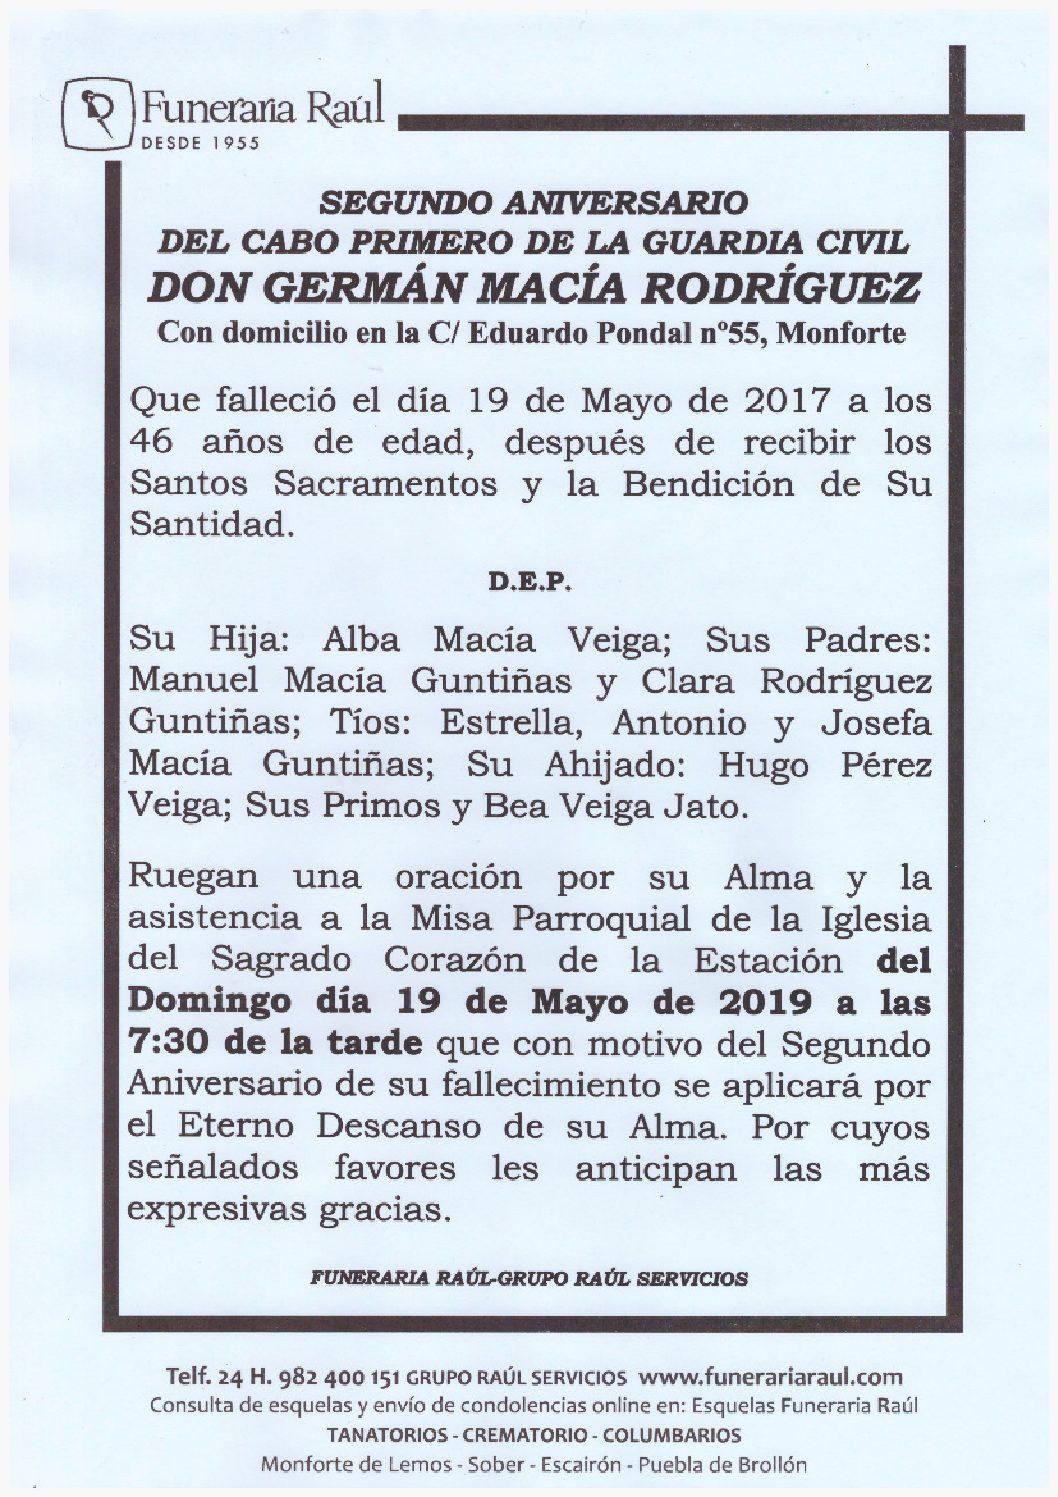 SEGUNDO ANIVERSARIO DE DON GERMÁN MACÍA RODRÍGUEZ